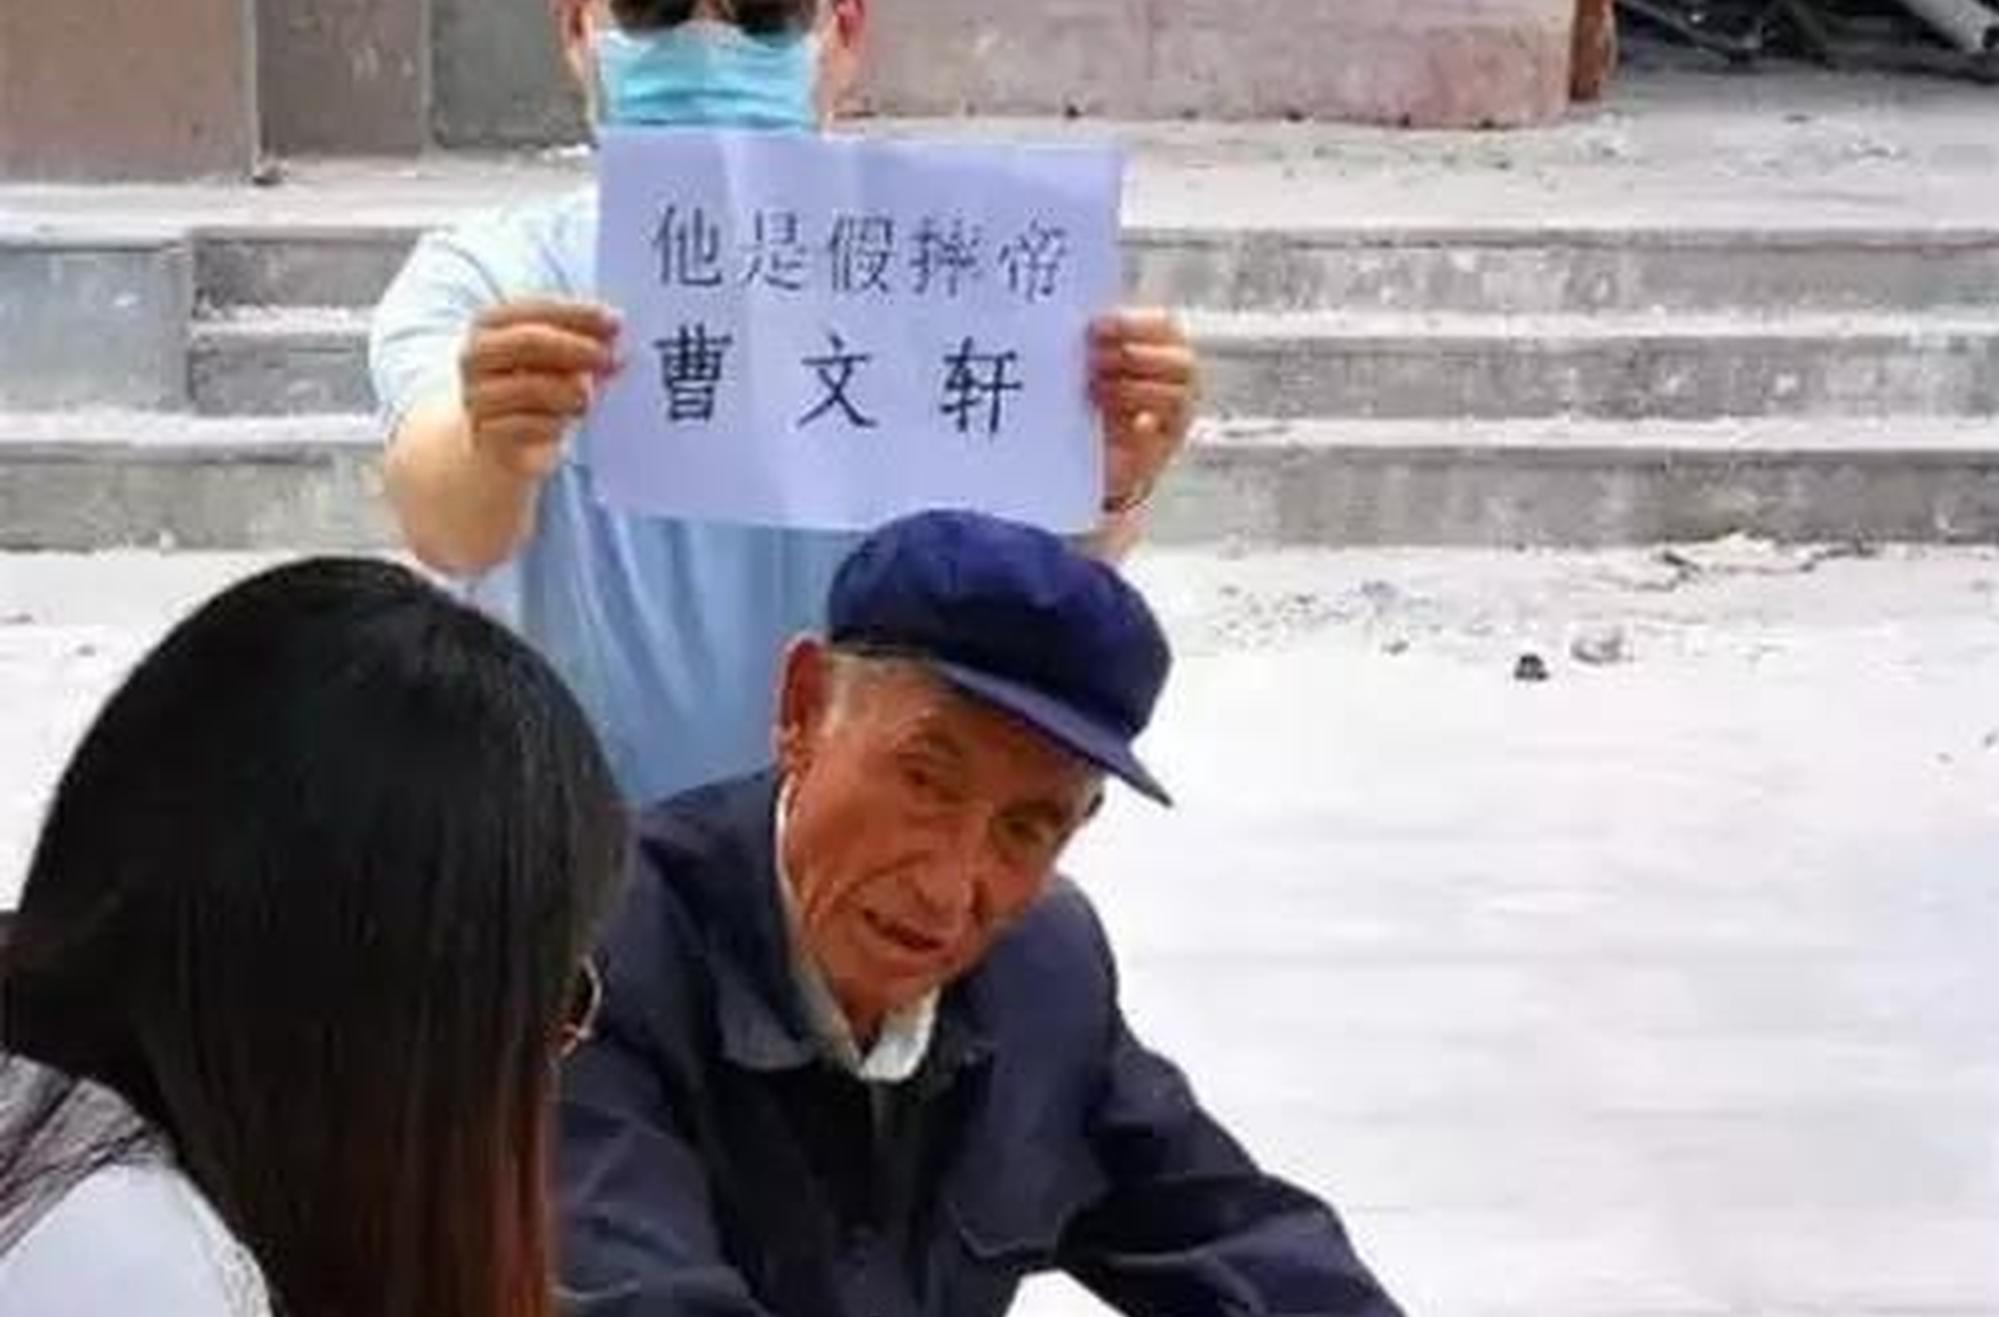 江宏杰被曝诉请离婚后露面 谈孩子近况不提福原爱